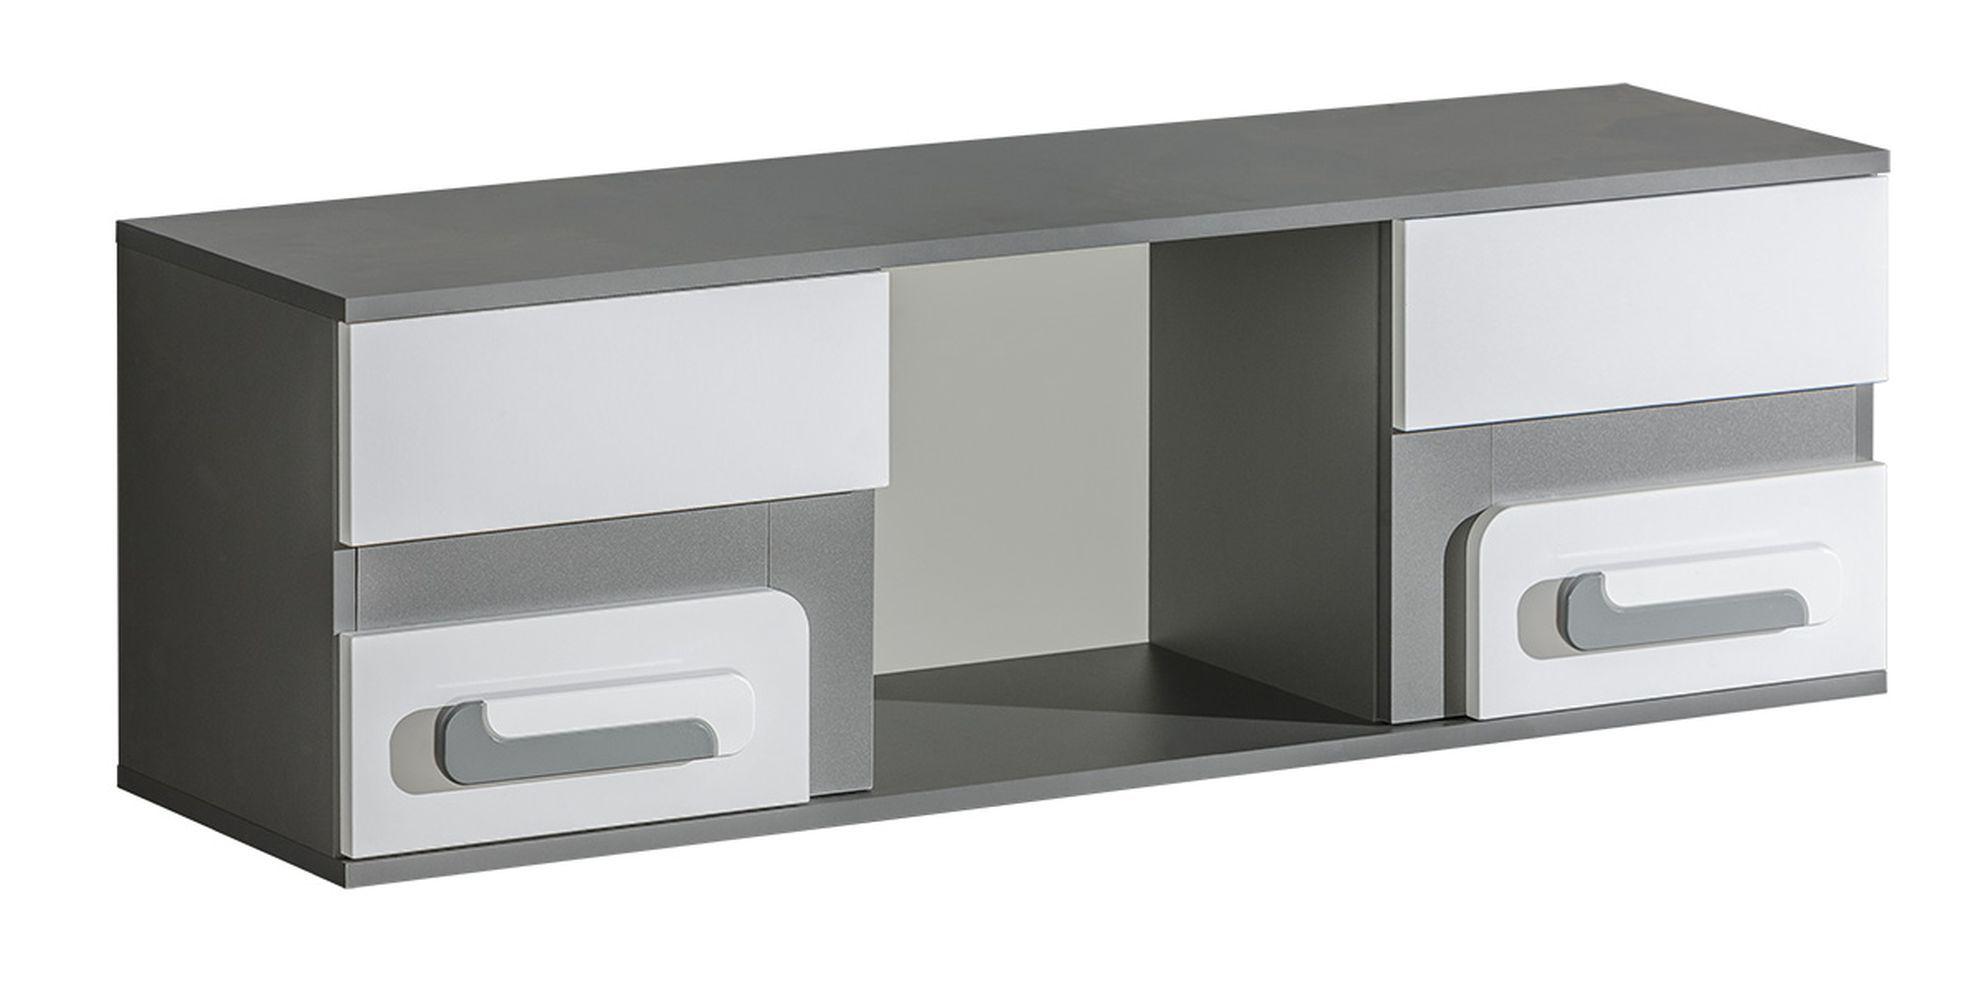 Jugendzimmer - Hängeregal / Wandregal Oskar 10, Farbe: Anthrazit / Weiß - 38 x 120 x 32 cm (H x B x T)